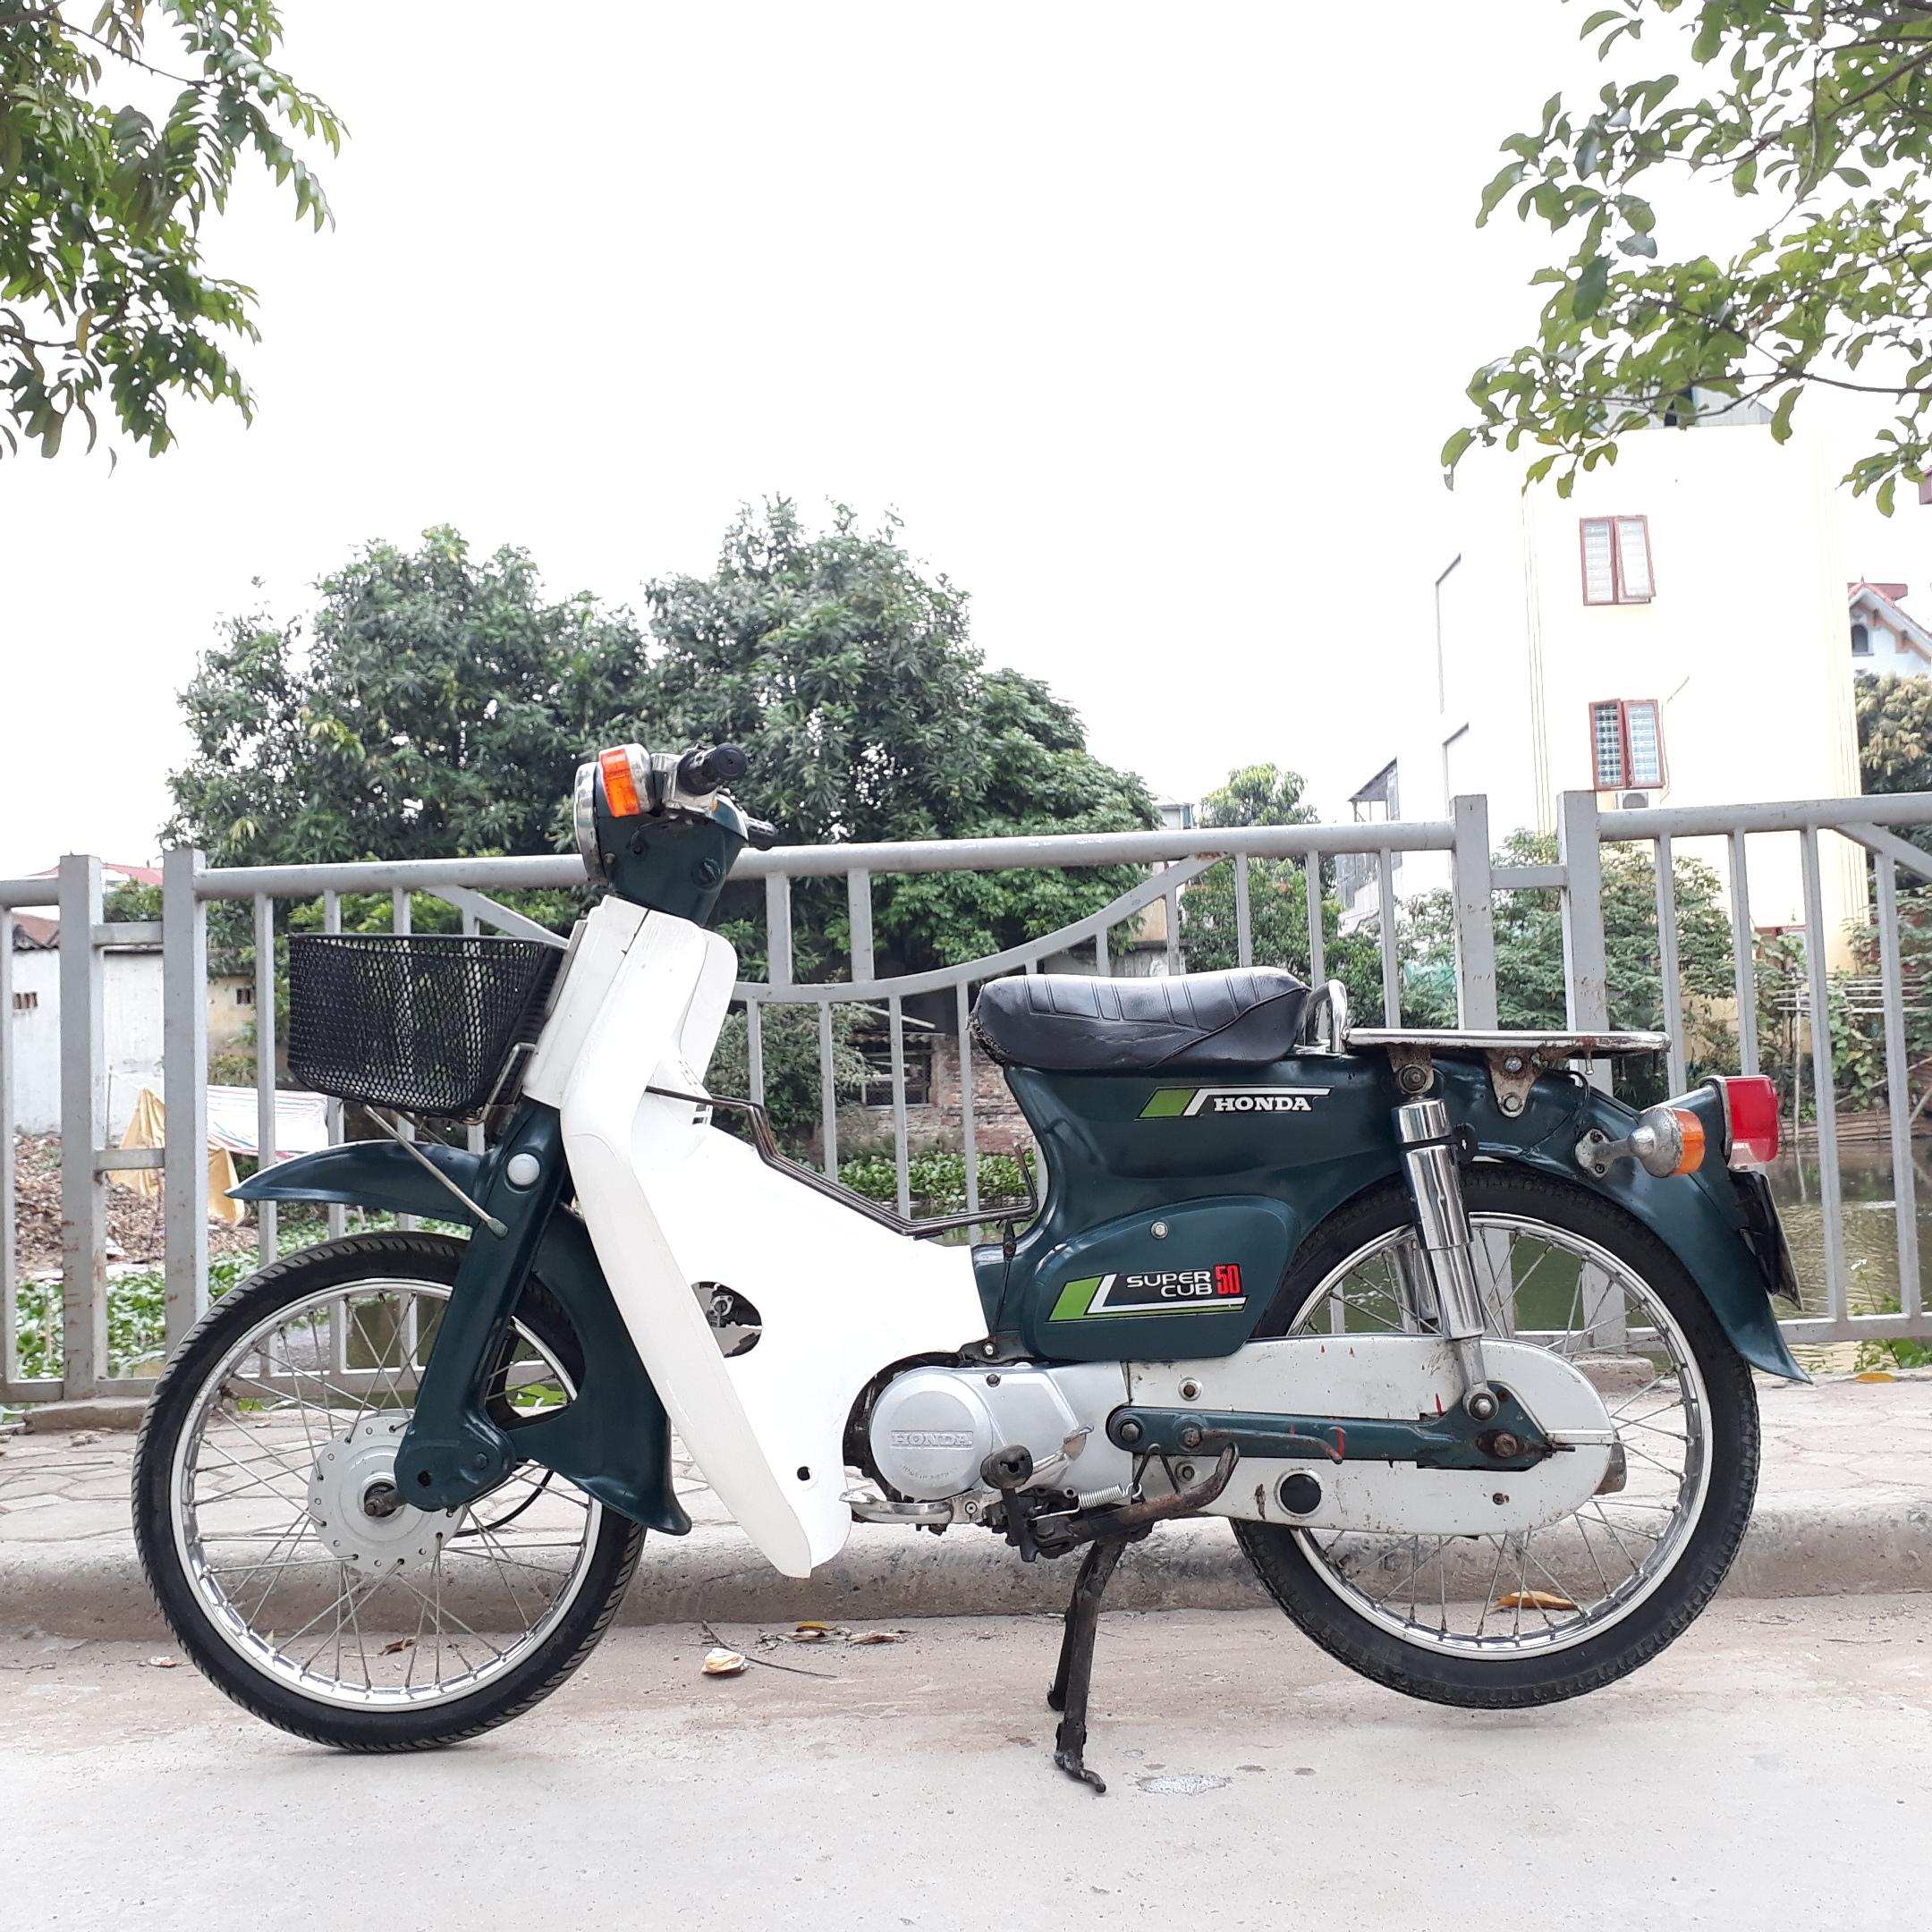 Cub 81 hơi 50 nguyên bản máy honda nhật biển Hà Nội 29